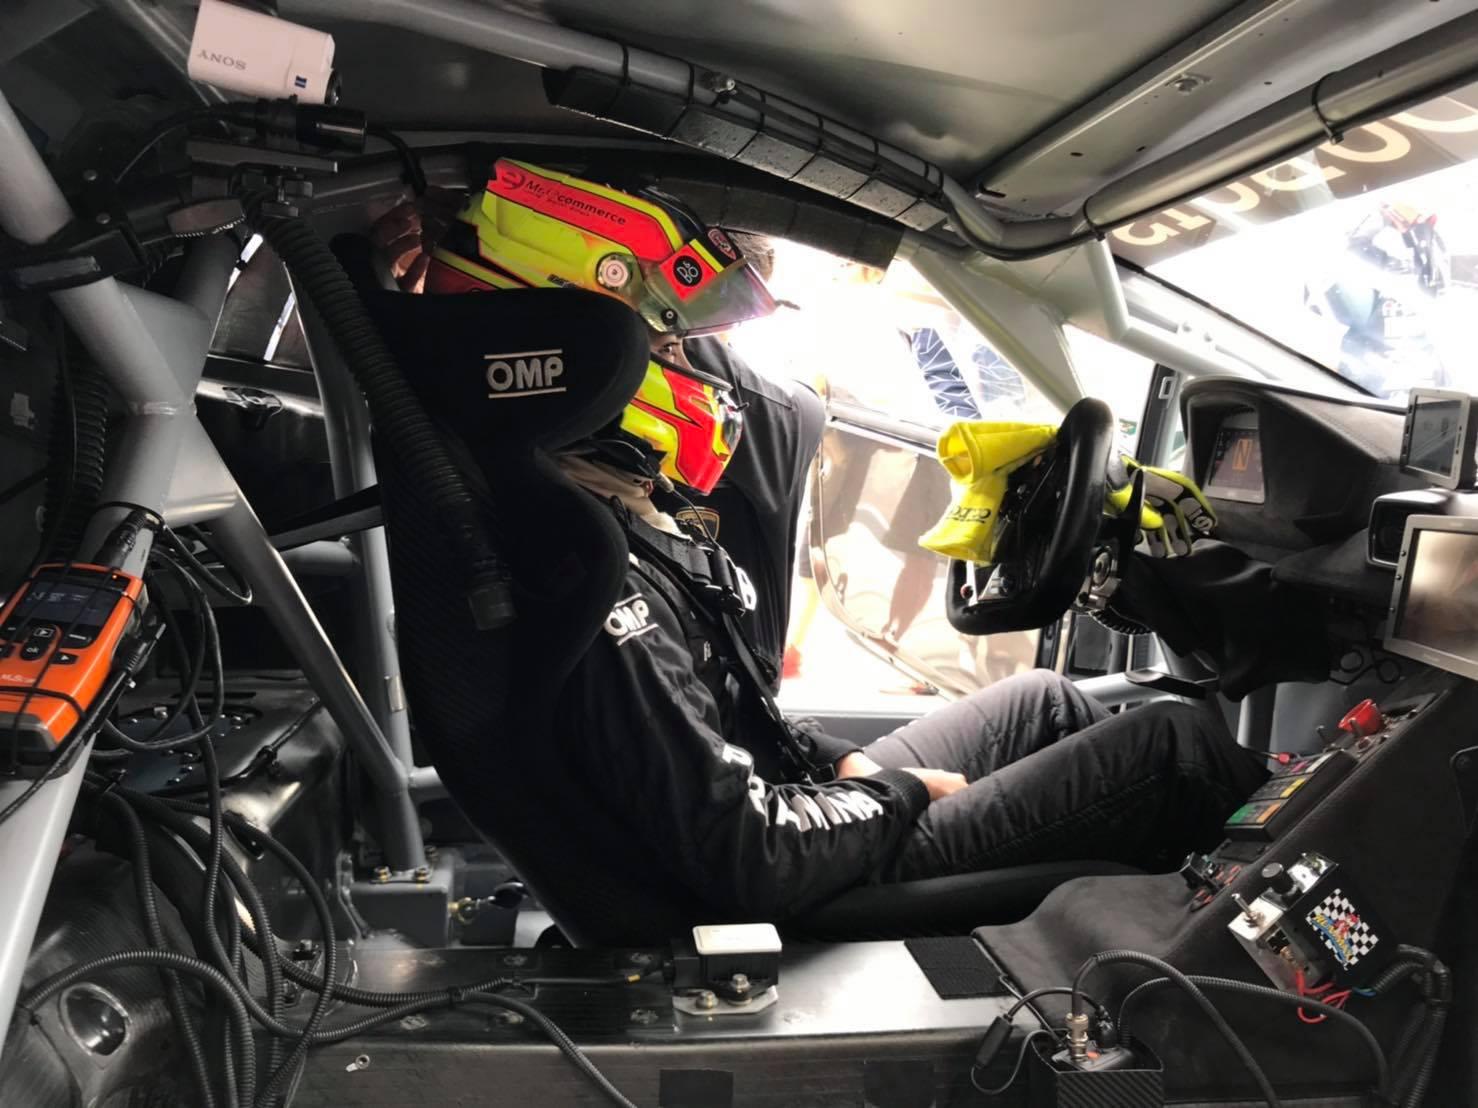 2 ランボルギーニ・スーパートロフェオ・アジア 2019 鈴鹿サーキット Race2|チーム和歌山 HOJUST RACING